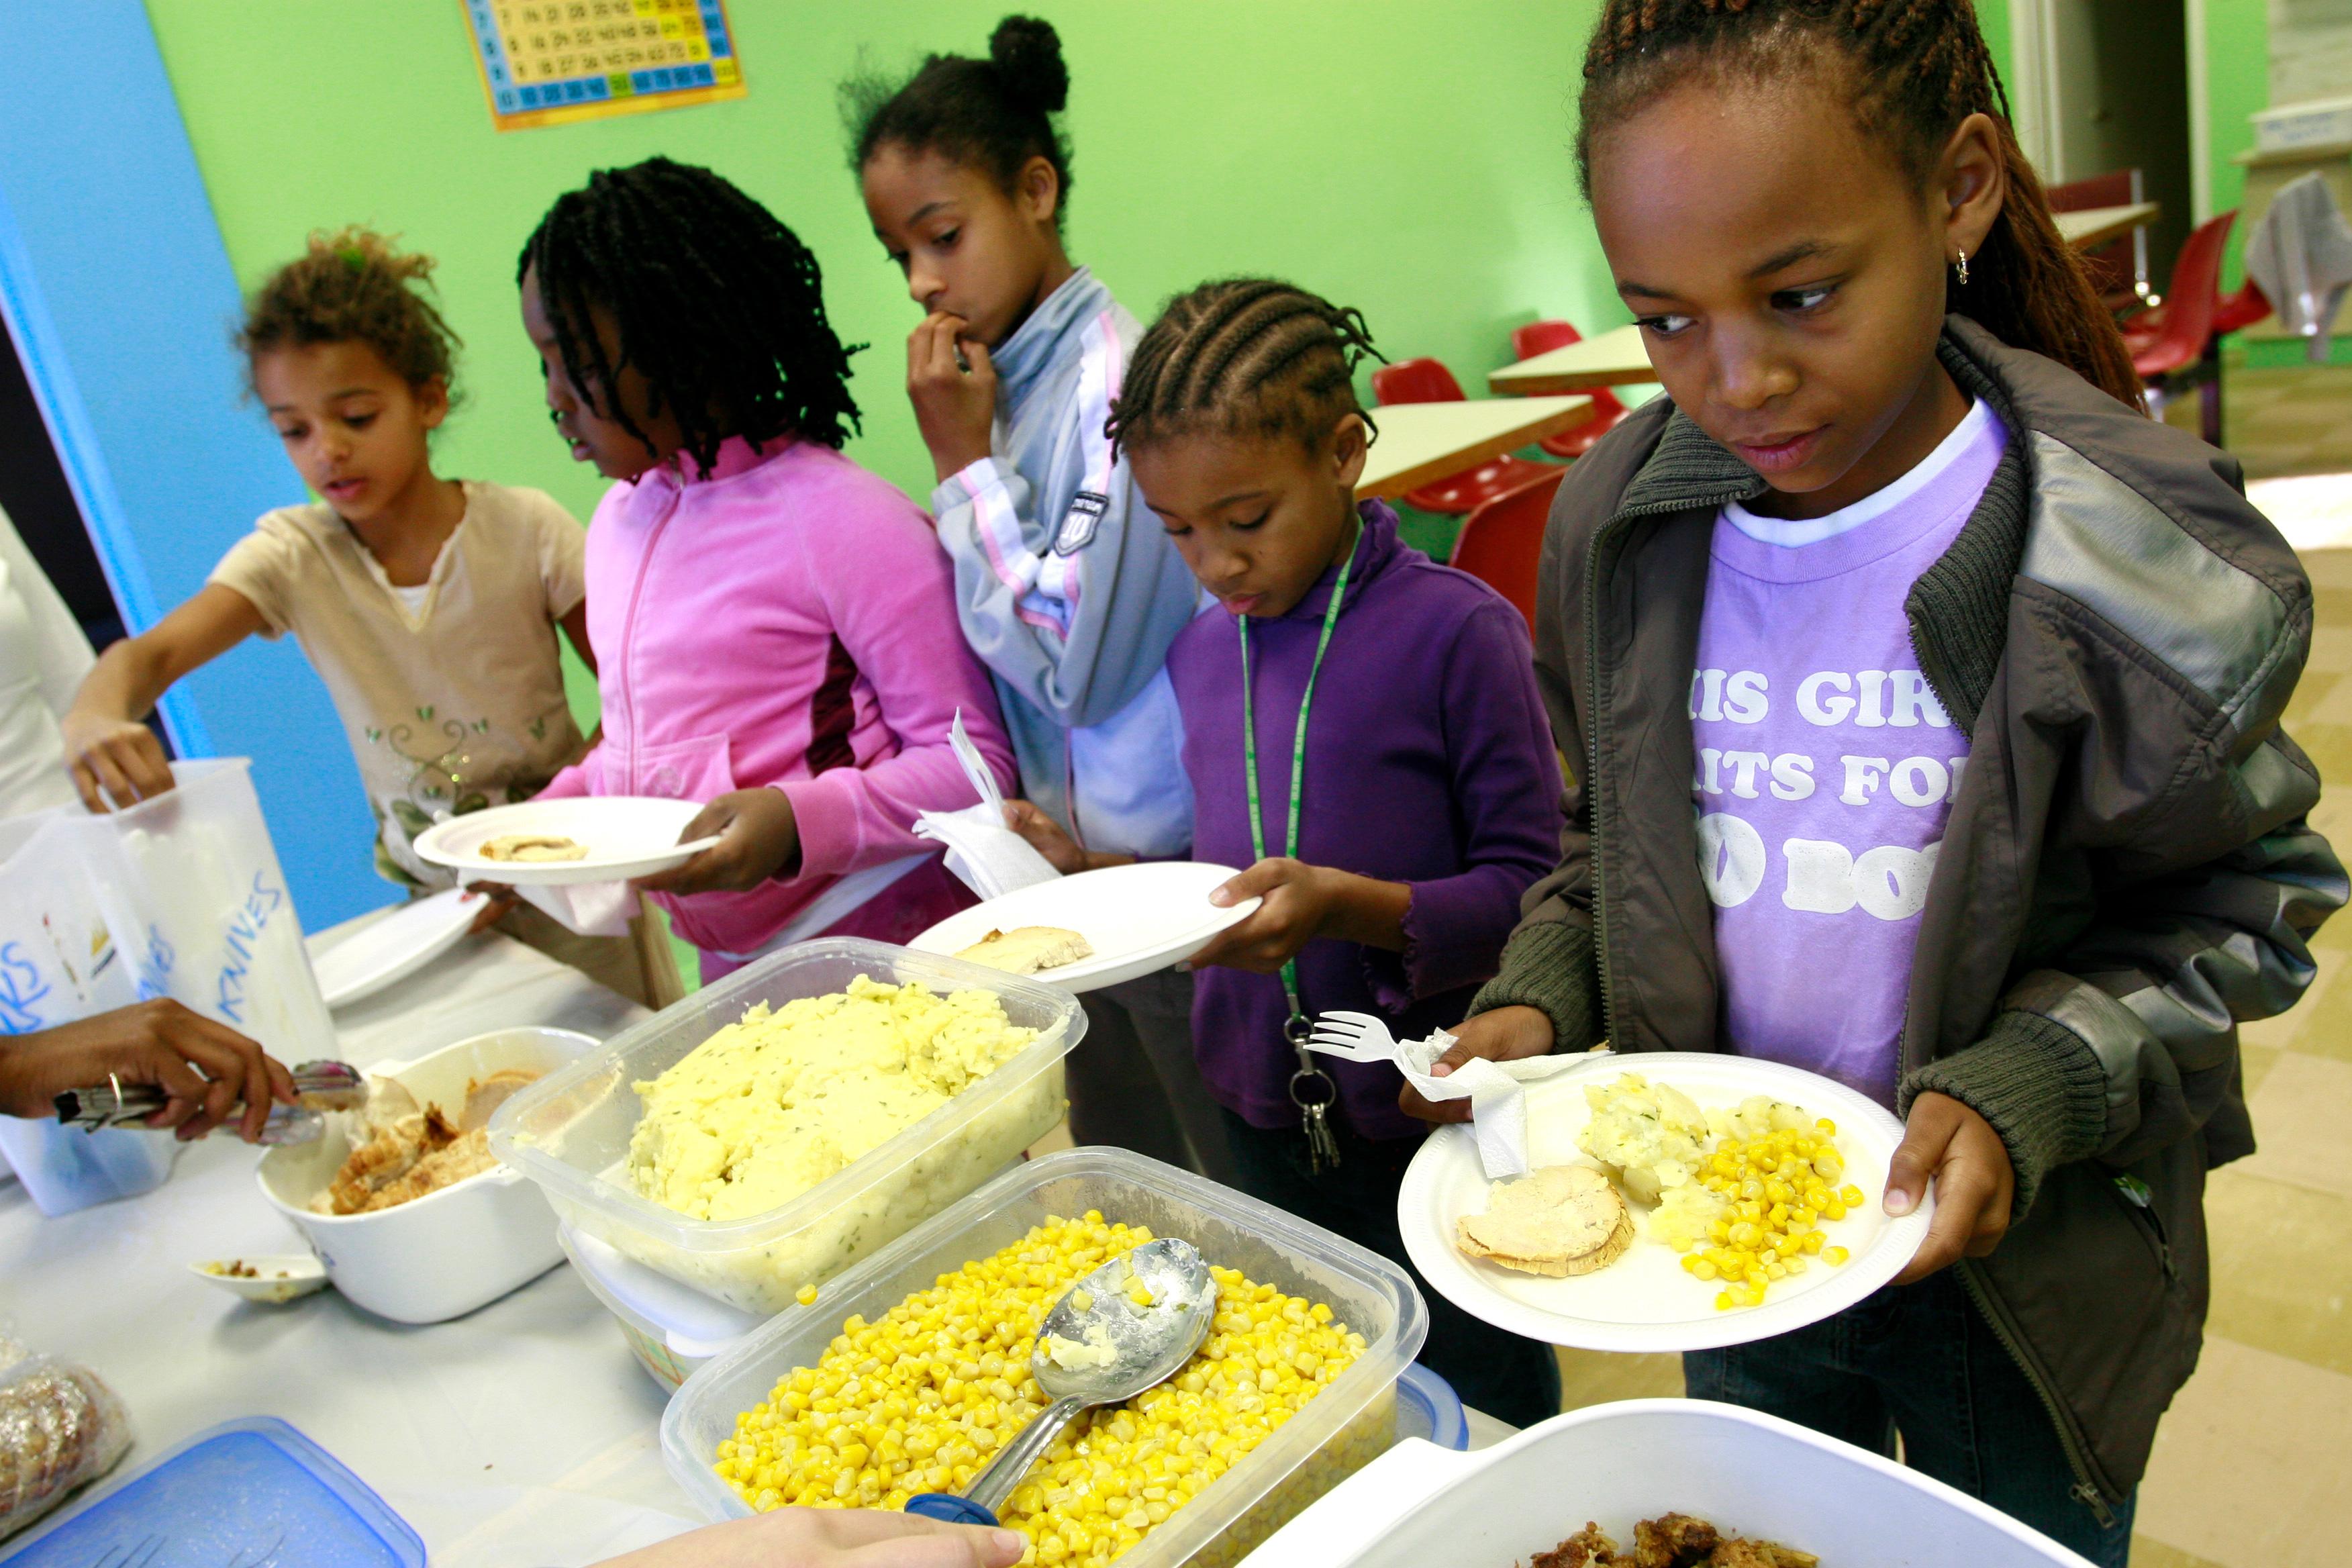 Group of children receiving meals